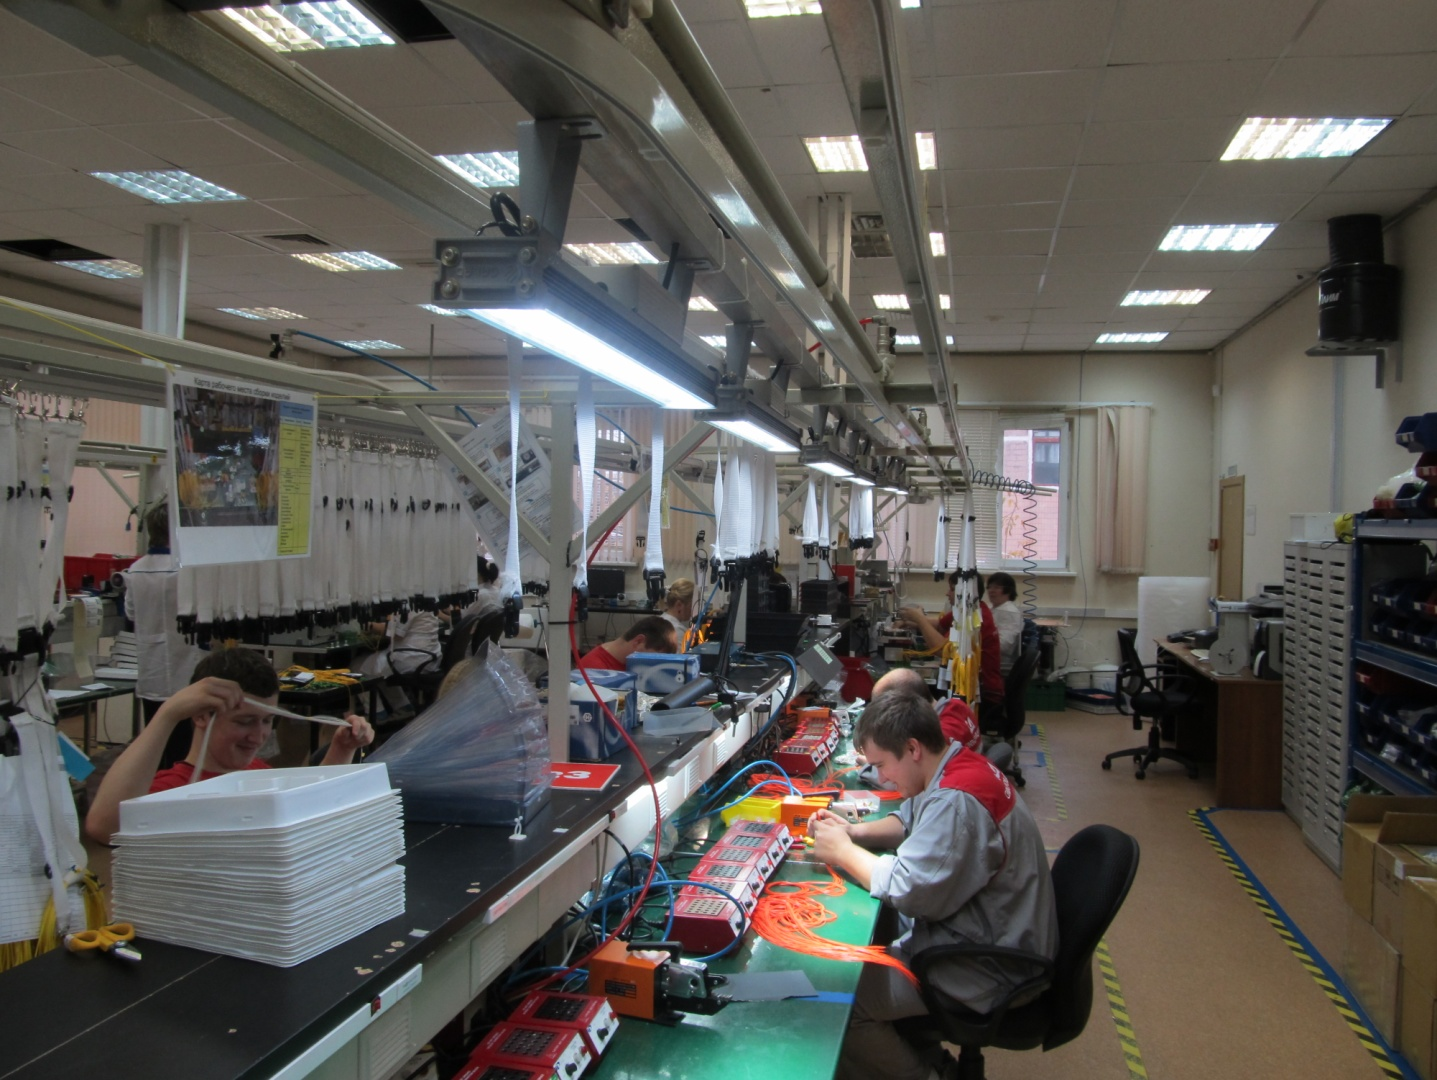 нормы освещения производственных помещений